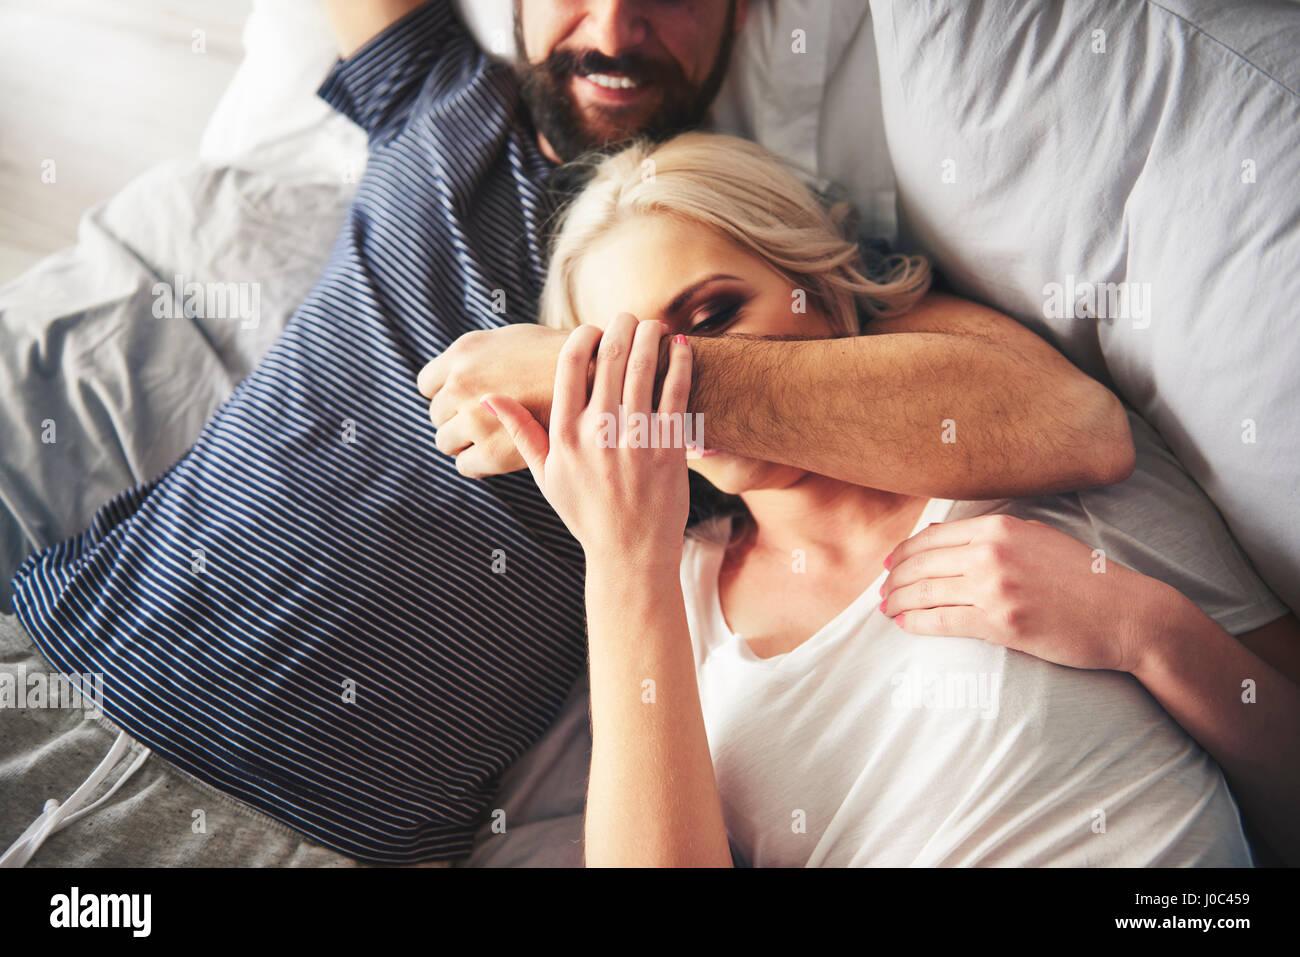 Giovane rilassante sul letto, ingannare circa Immagini Stock